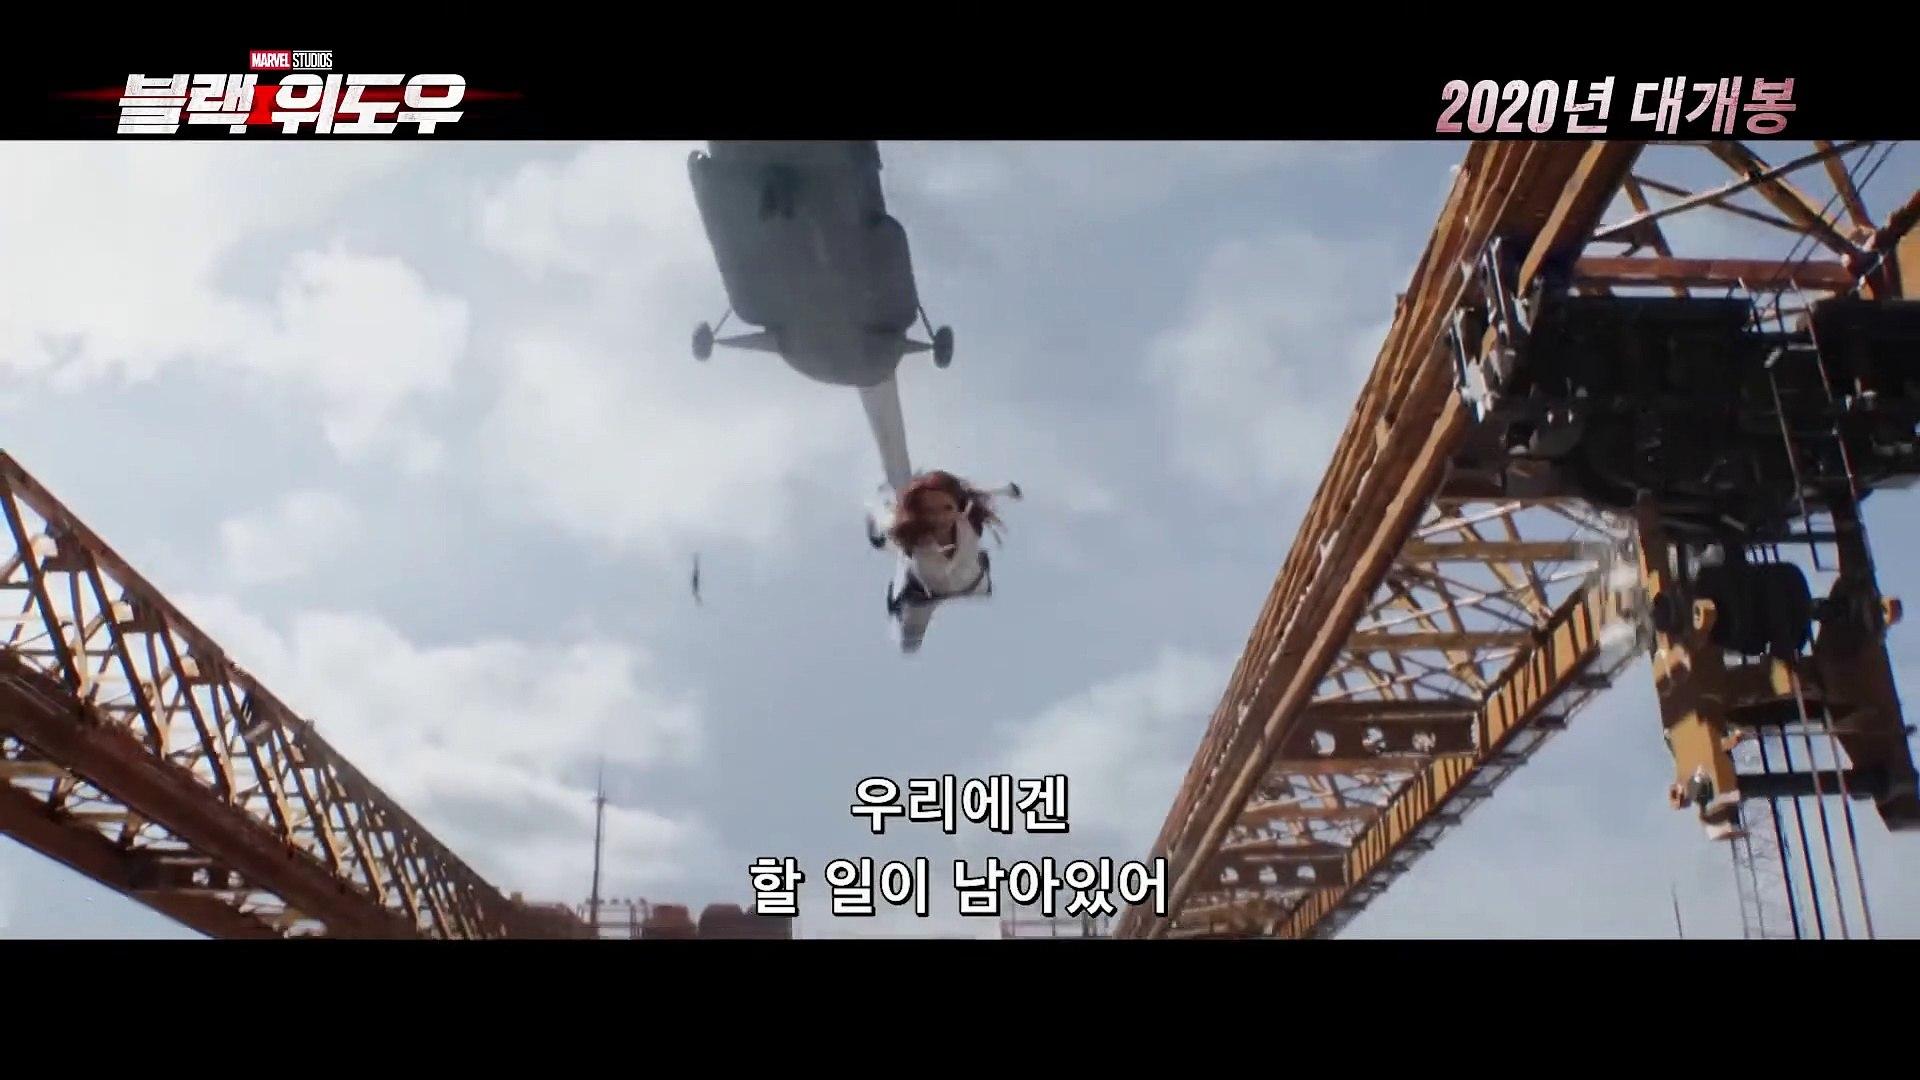 영화 [블랙 위도우] (Black Widow, 2020) 90초 스페셜 영상 - 한글 자막